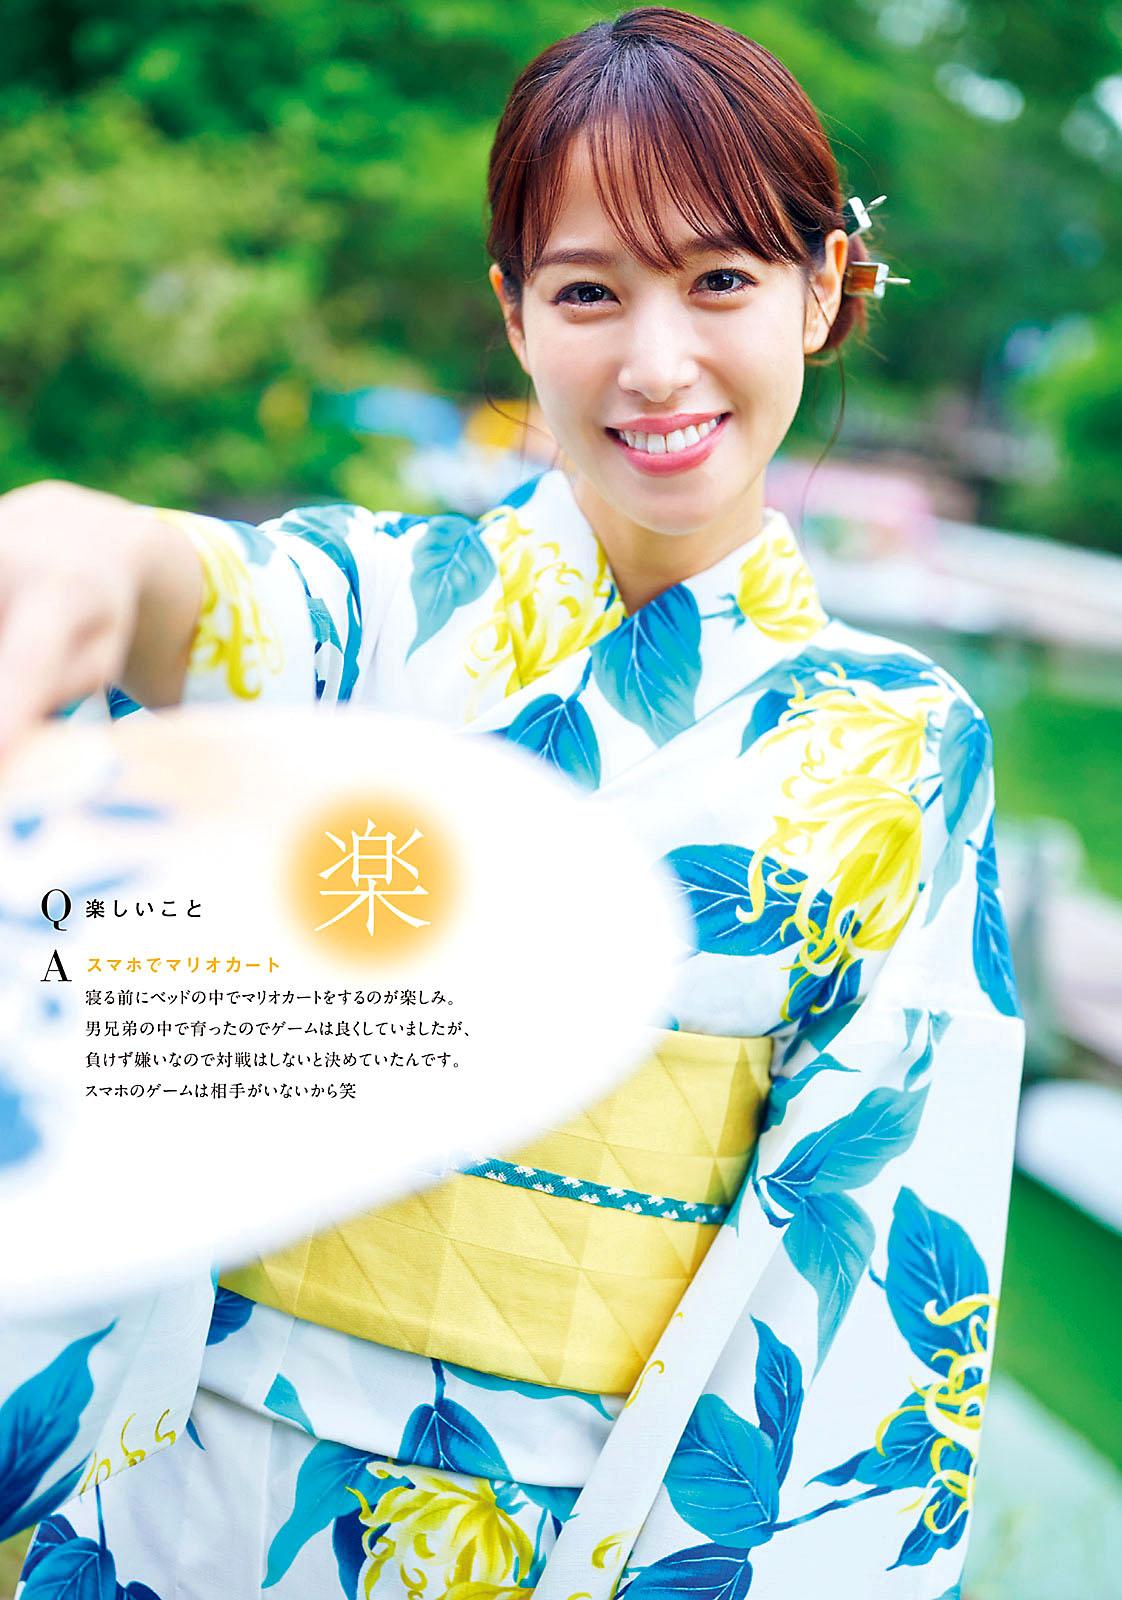 Reina Sumi Young Magazine 210705 08.jpg